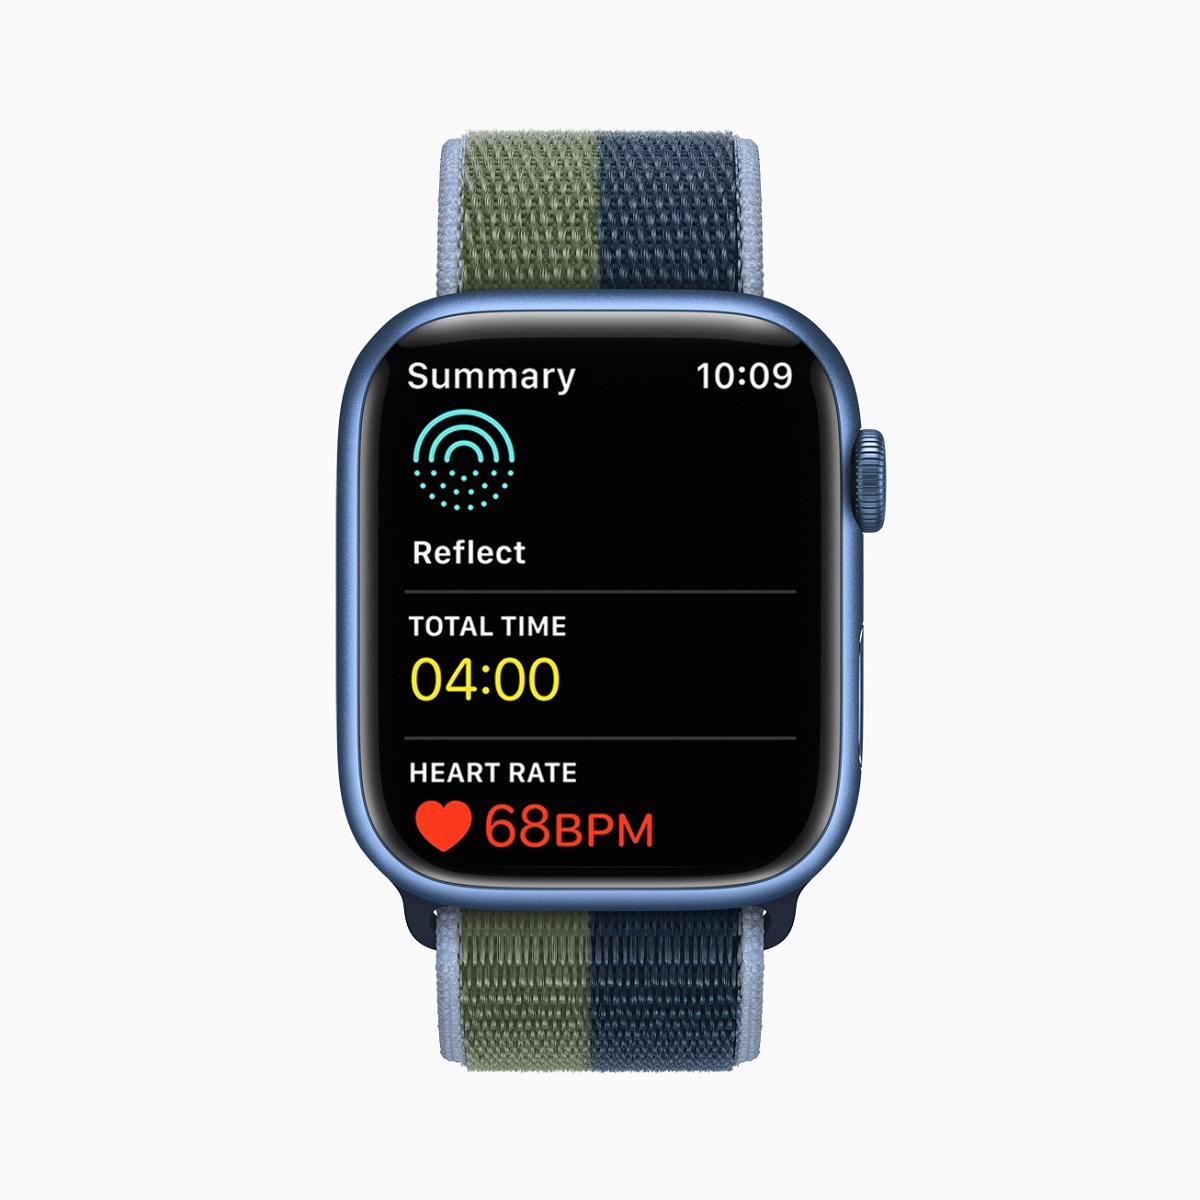 Приложение Mindfulness в watchOS 8 предлагает улучшенные возможности Breathe; новый тип сеанса Reflect; и «Медитации для подписчиков Фитнес +».